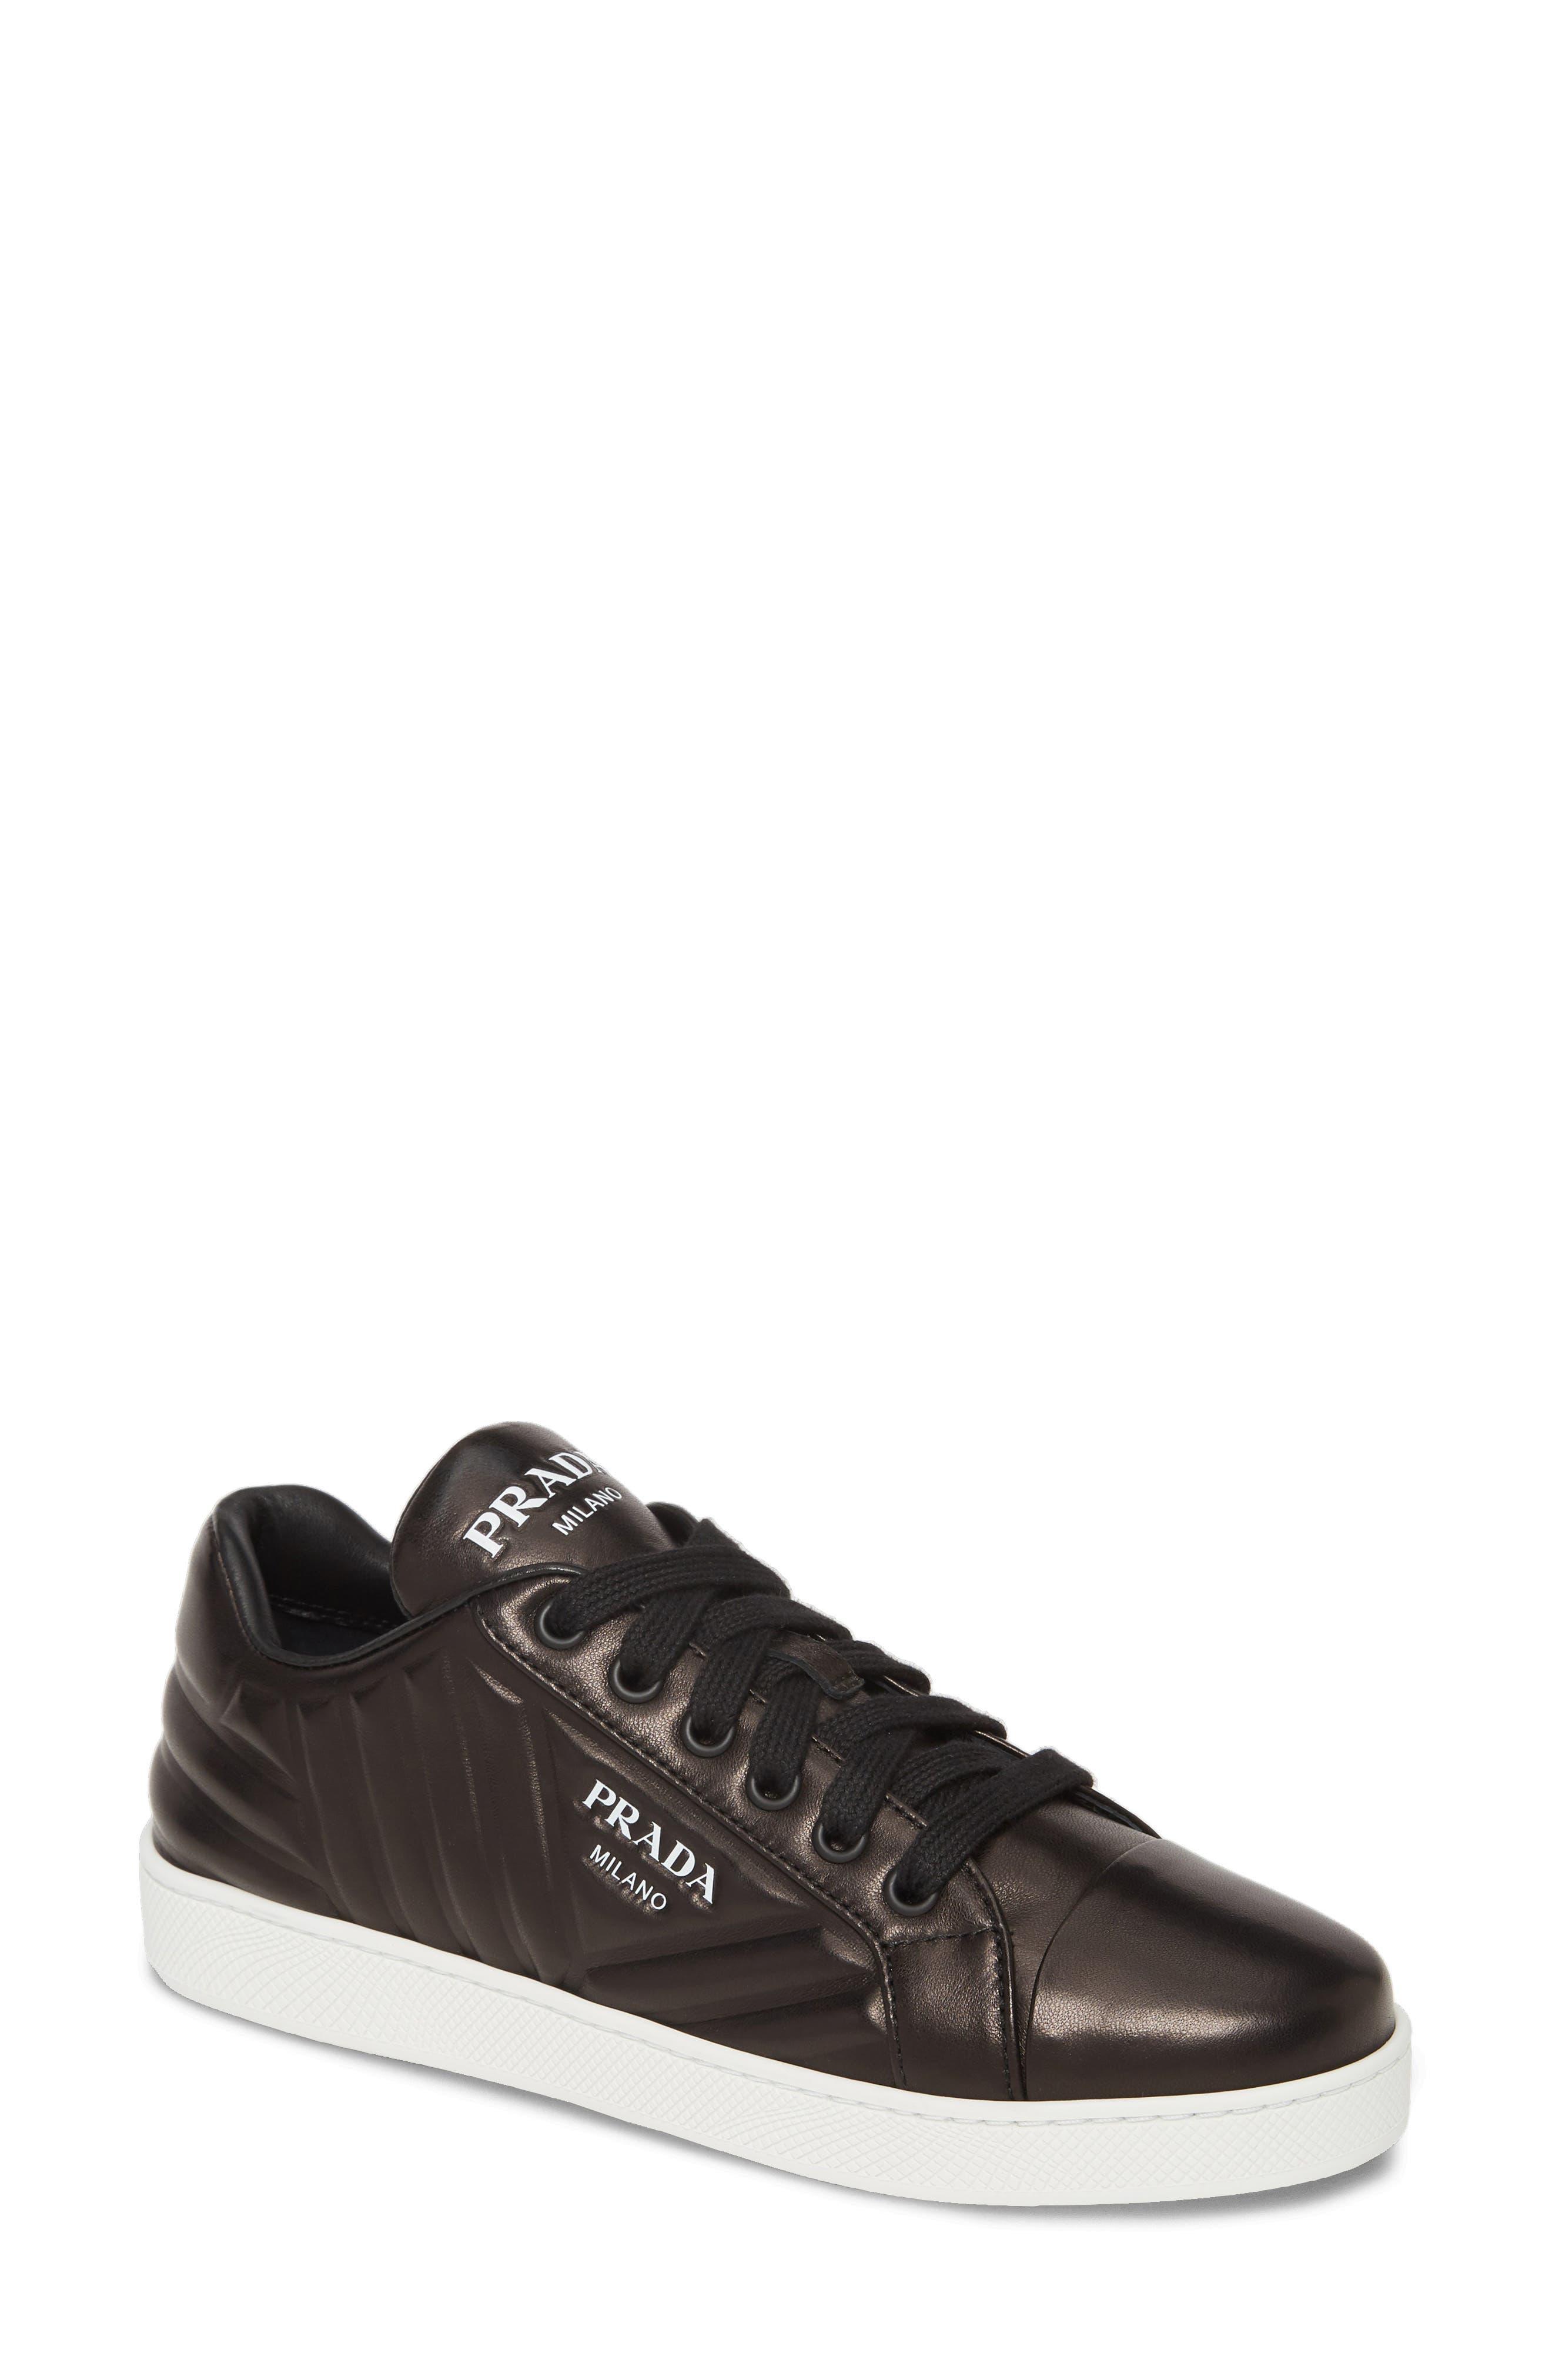 Prada Sneakers \u0026 Athletic Shoes   Nordstrom